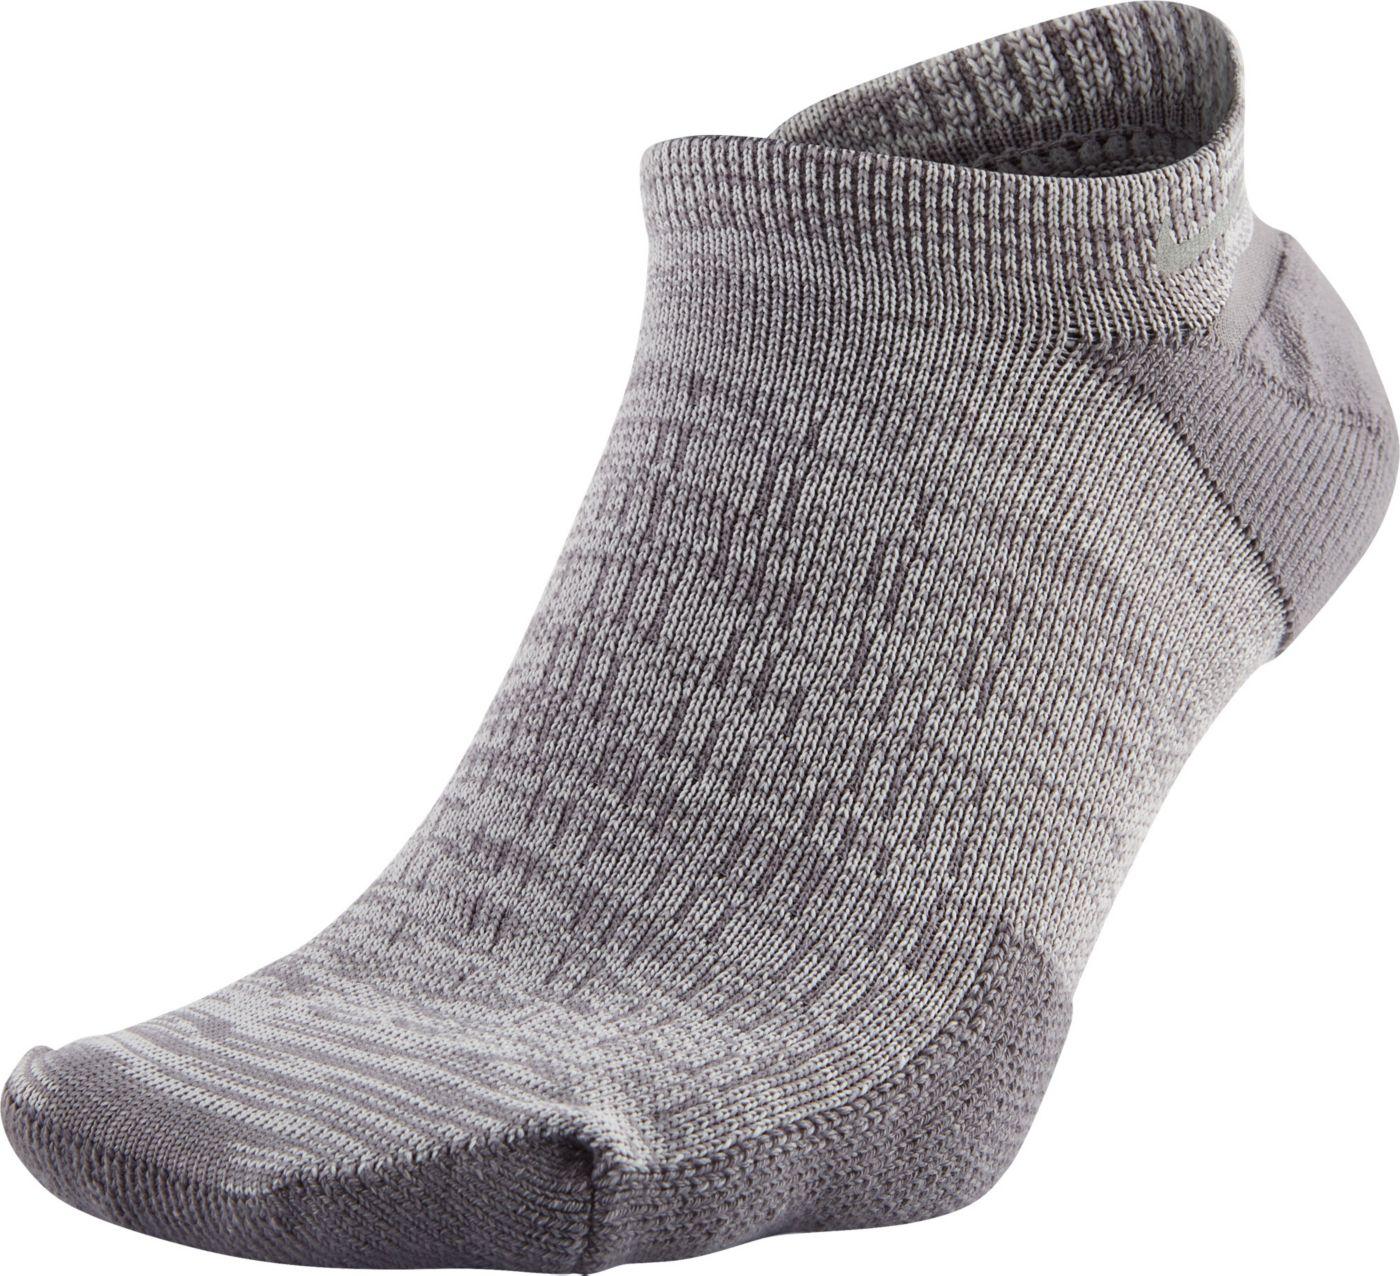 Nike Elite Cushioned No-Show Socks